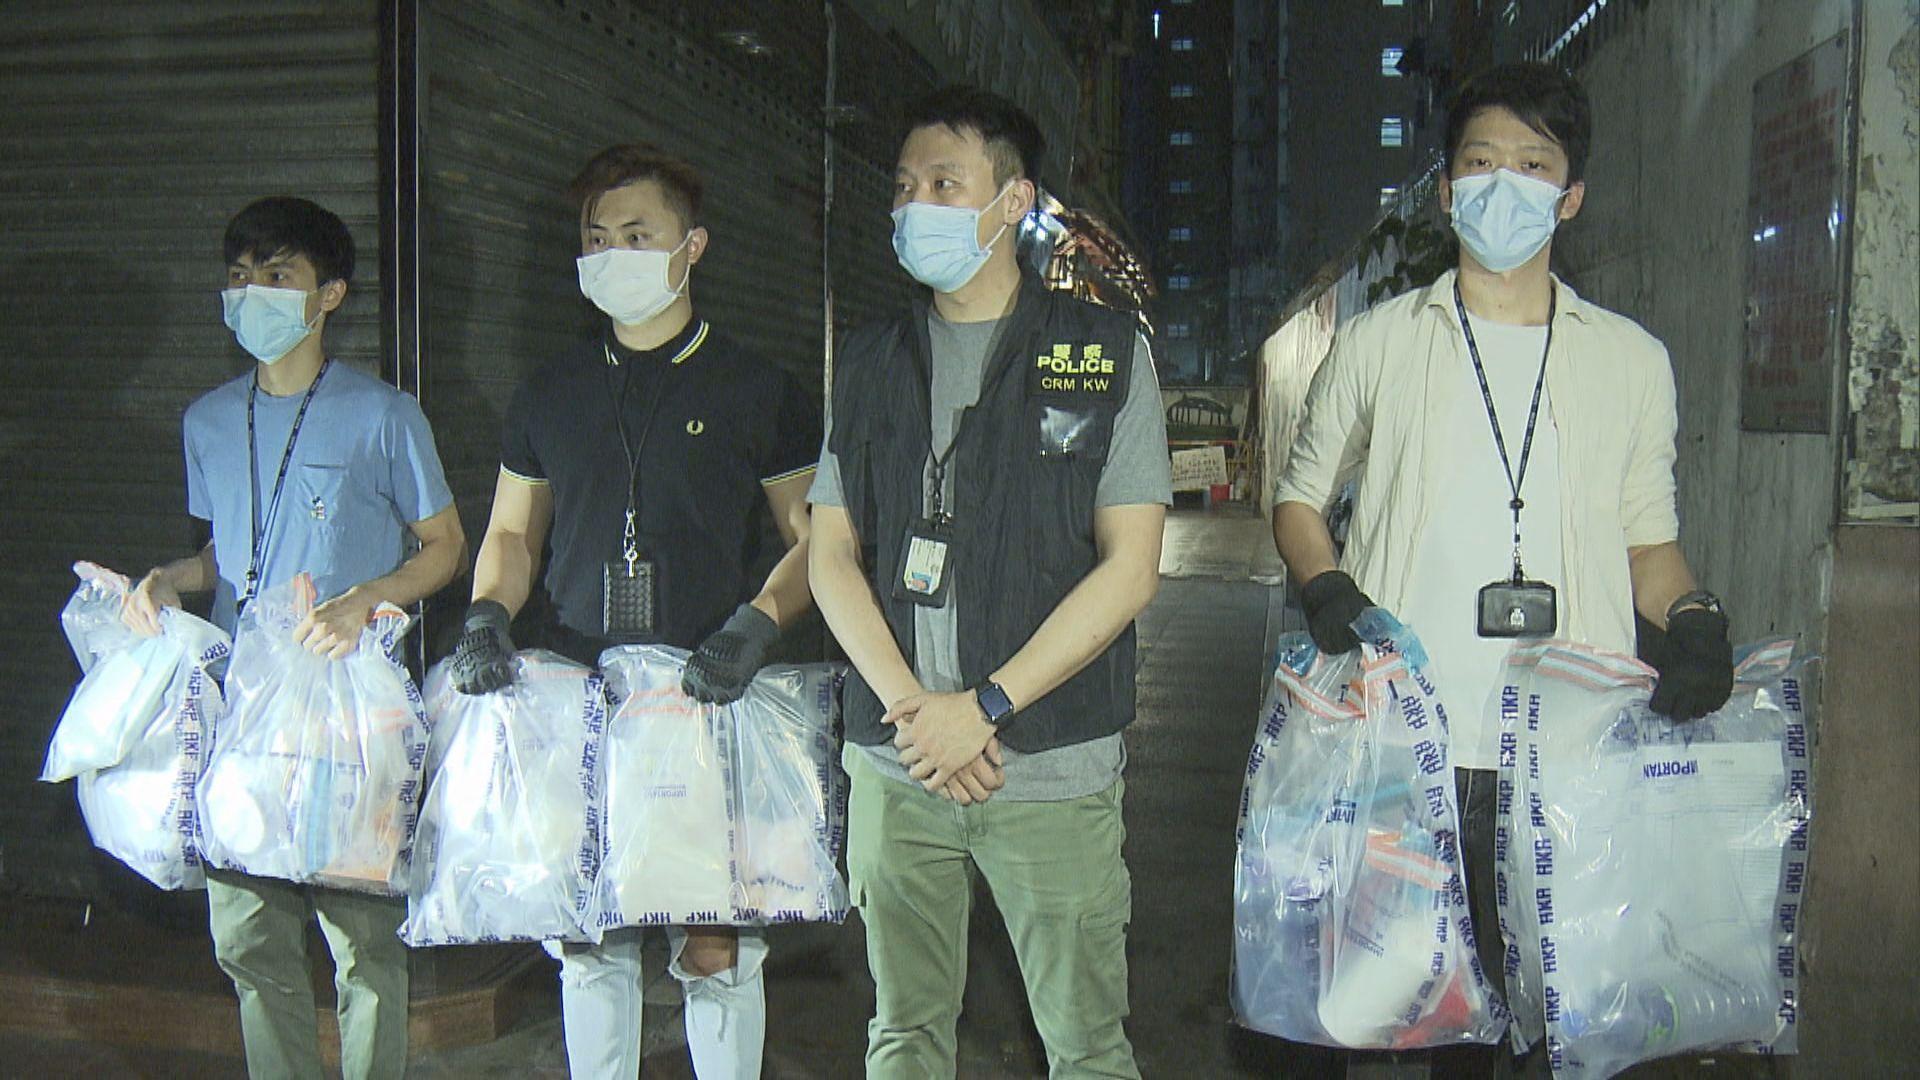 警土瓜灣破毒窟 拘兩人檢160萬元毒品